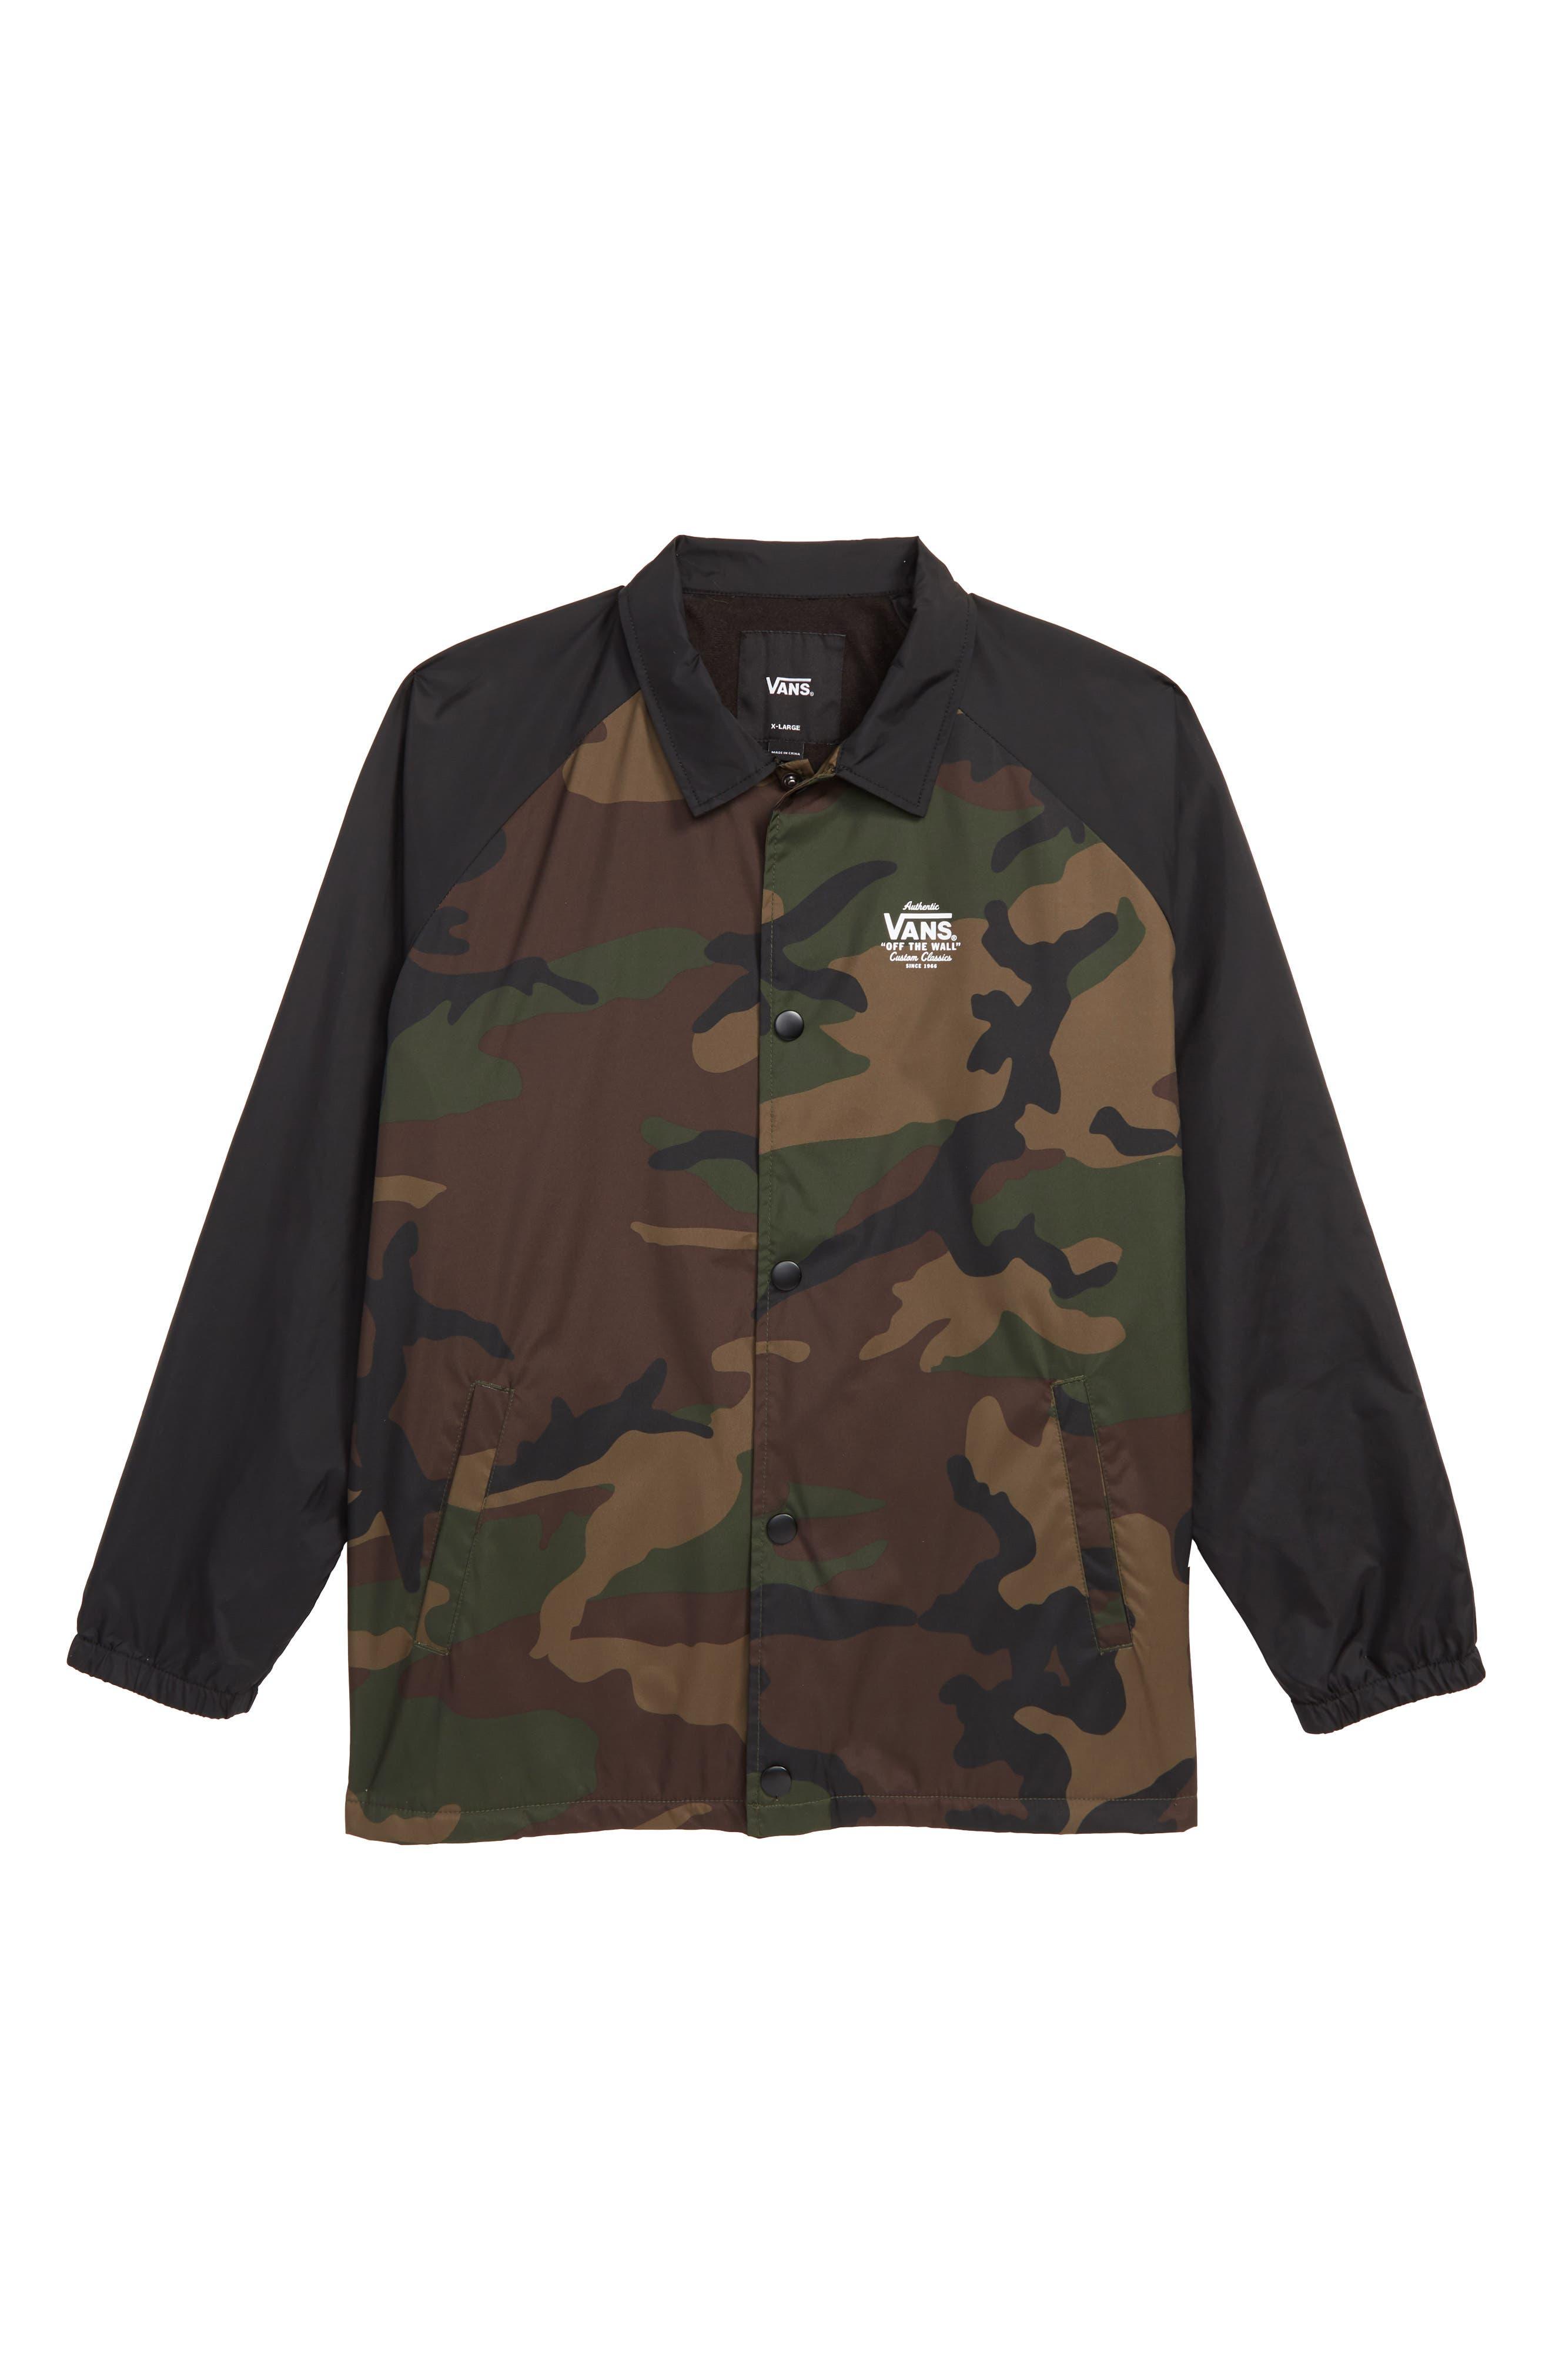 VANS Torrey Water Resistant Jacket, Main, color, OVERSIZED WOODLAND CAMO/ BLACK